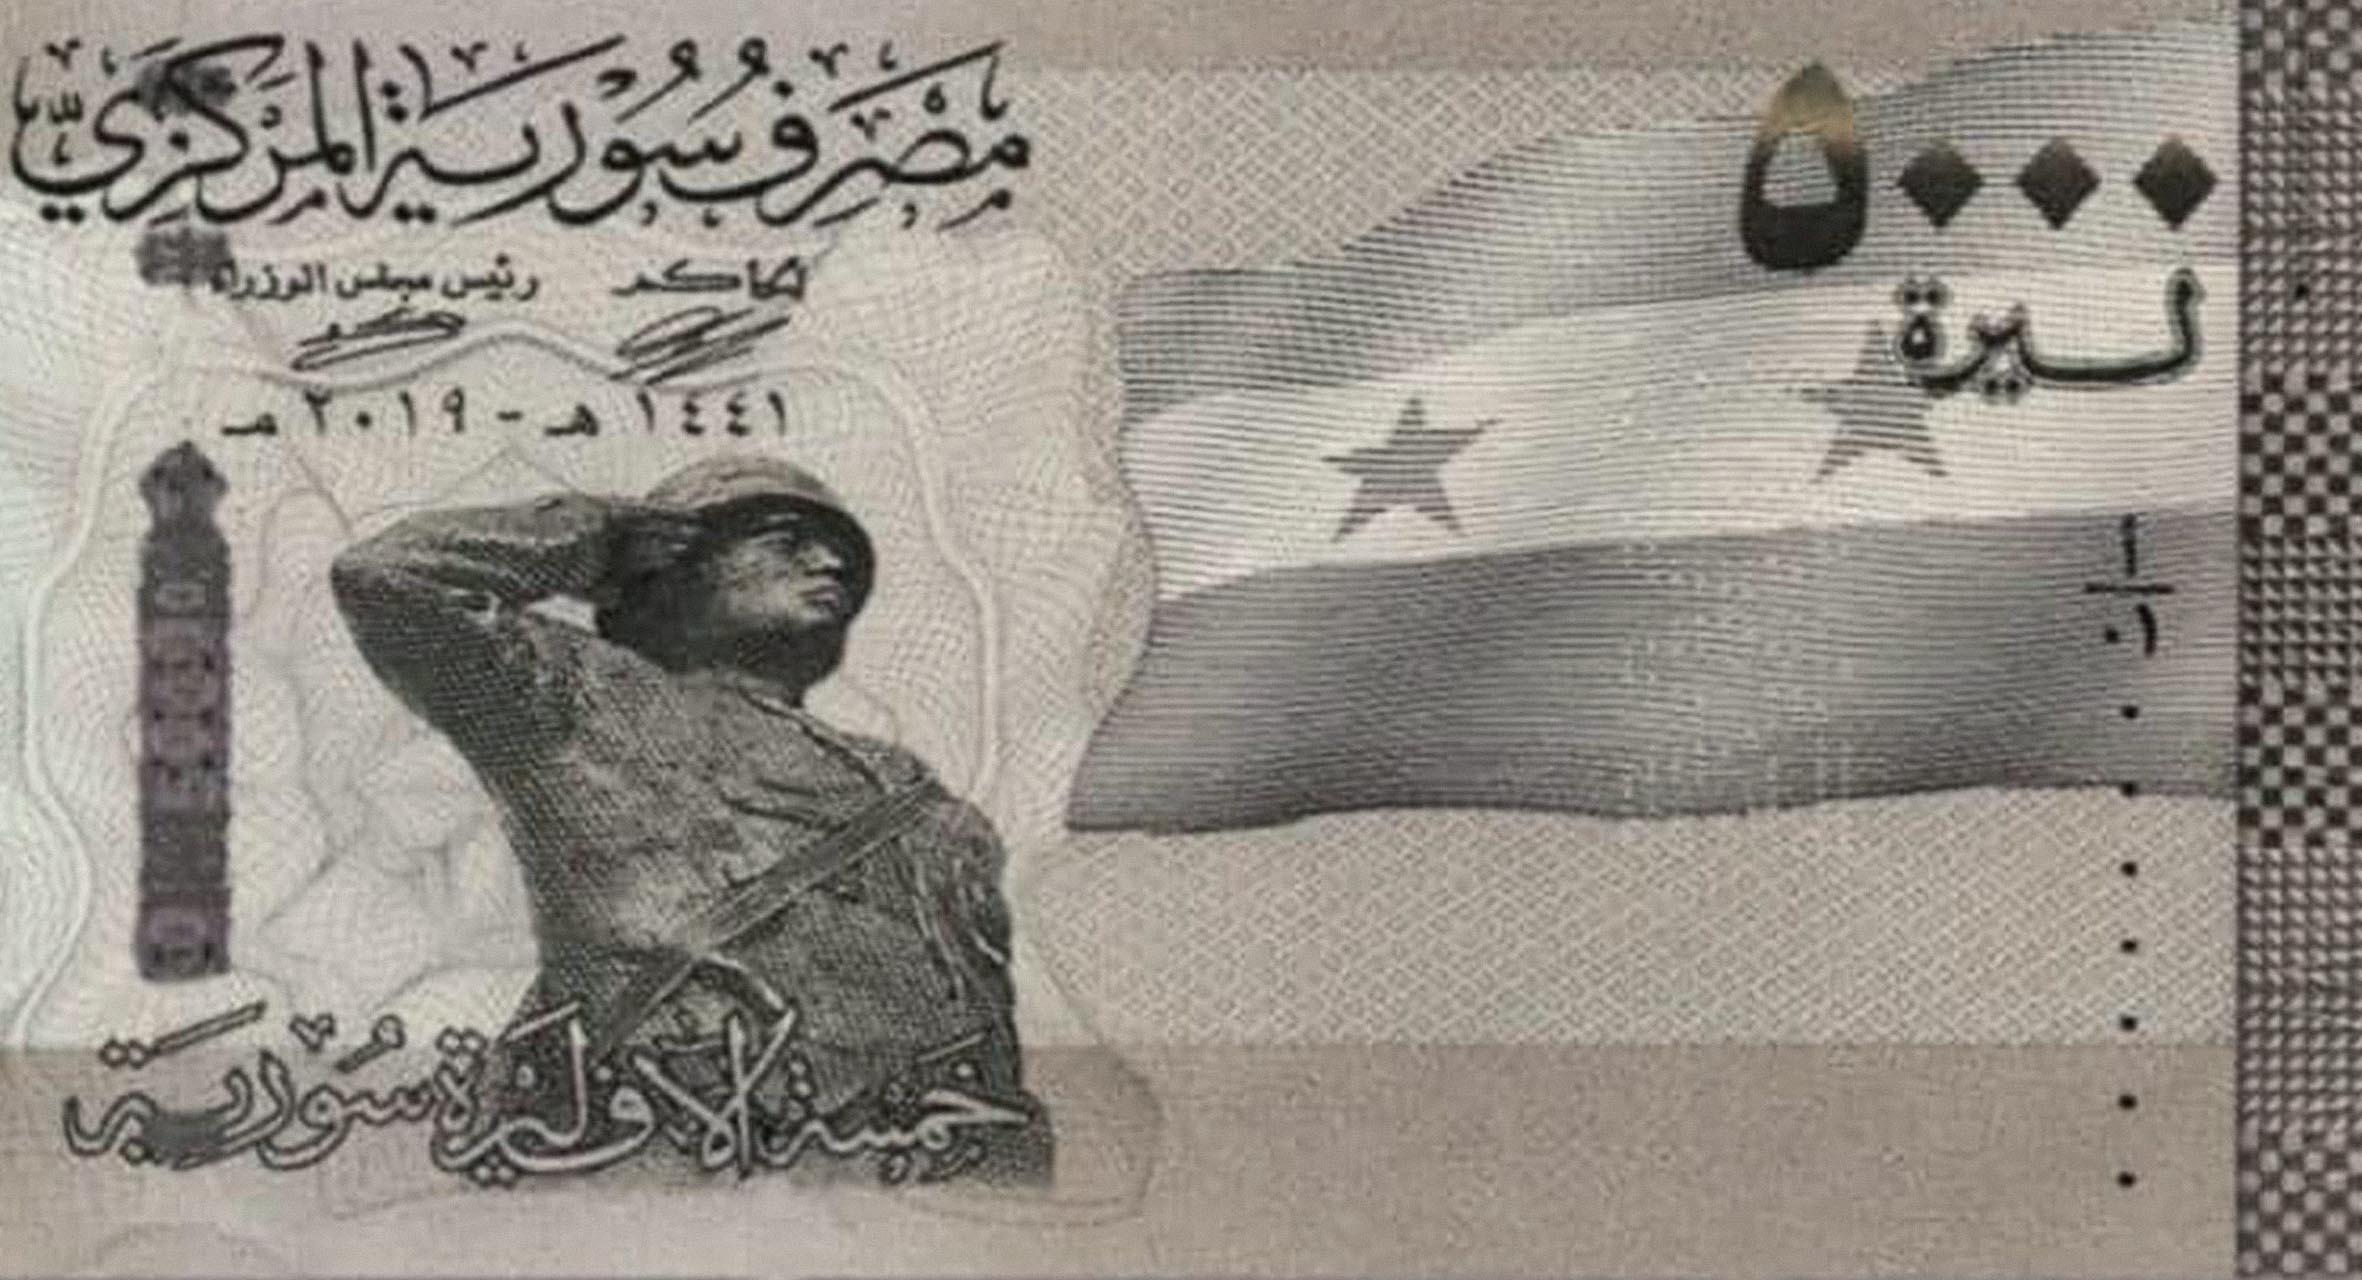 صورة مصرف سوريا المركزي يخفف عن المواطن عبء حمل أوراق نقدية كثيرة دون قيمة بطرح ورقة واحدة دون قيمة